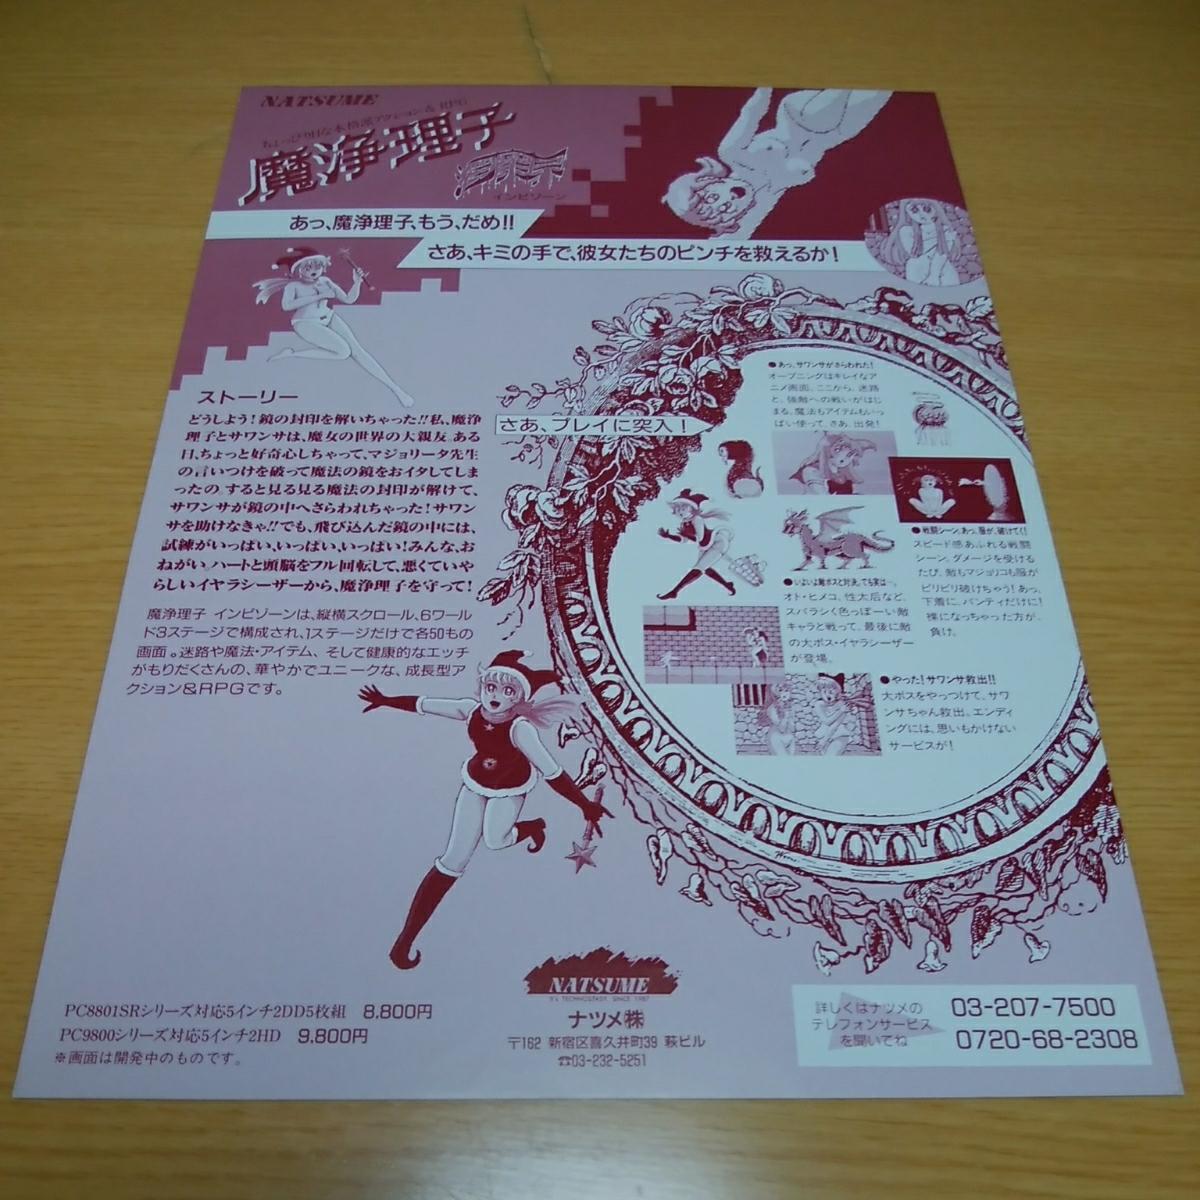 マジョリコ 魔浄理子 PC-8801 チラシ 販促 美品 レア ゲーム ナツメ NATSUME_画像2